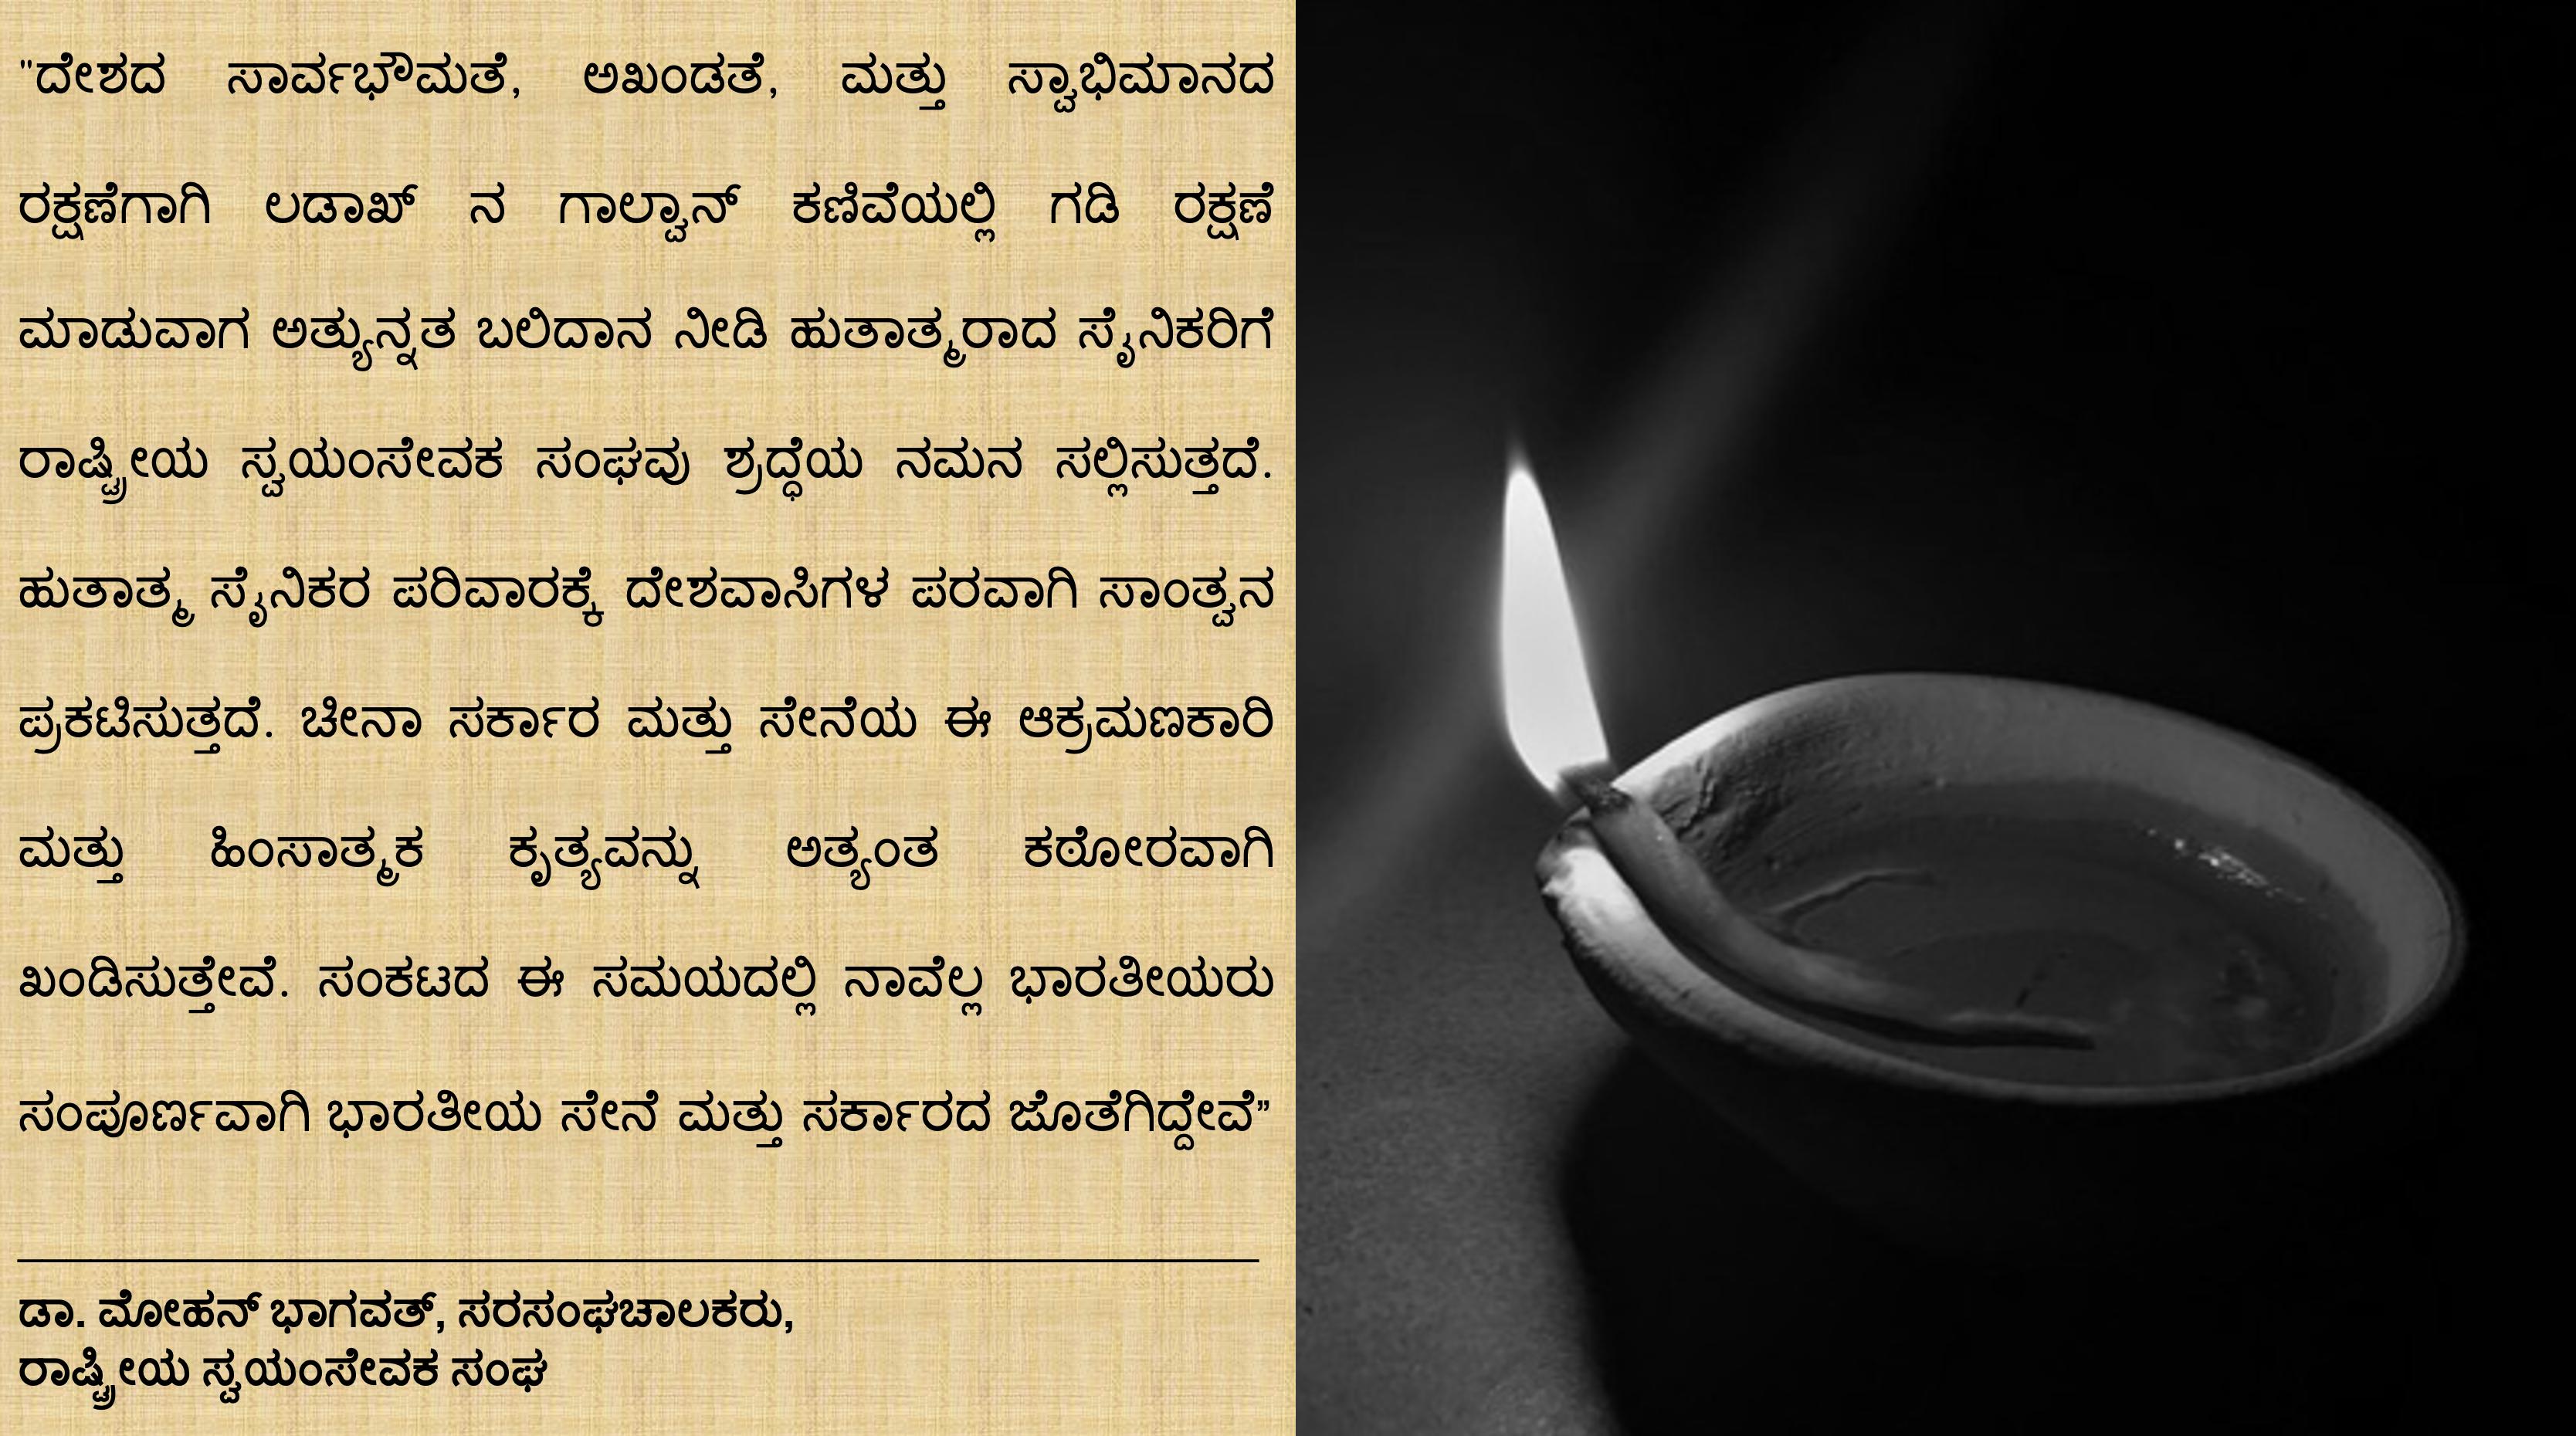 ಹುತಾತ್ಮರಾದ ಸೈನಿಕರಿಗೆ ರಾಷ್ಟ್ರೀಯ ಸ್ವಯಂಸೇವಕ ಸಂಘವು ಶ್ರದ್ಧೆಯ ನಮನ ಸಲ್ಲಿಸುತ್ತದೆ :  ಡಾ. ಮೋಹನ್ ಭಾಗವತ್